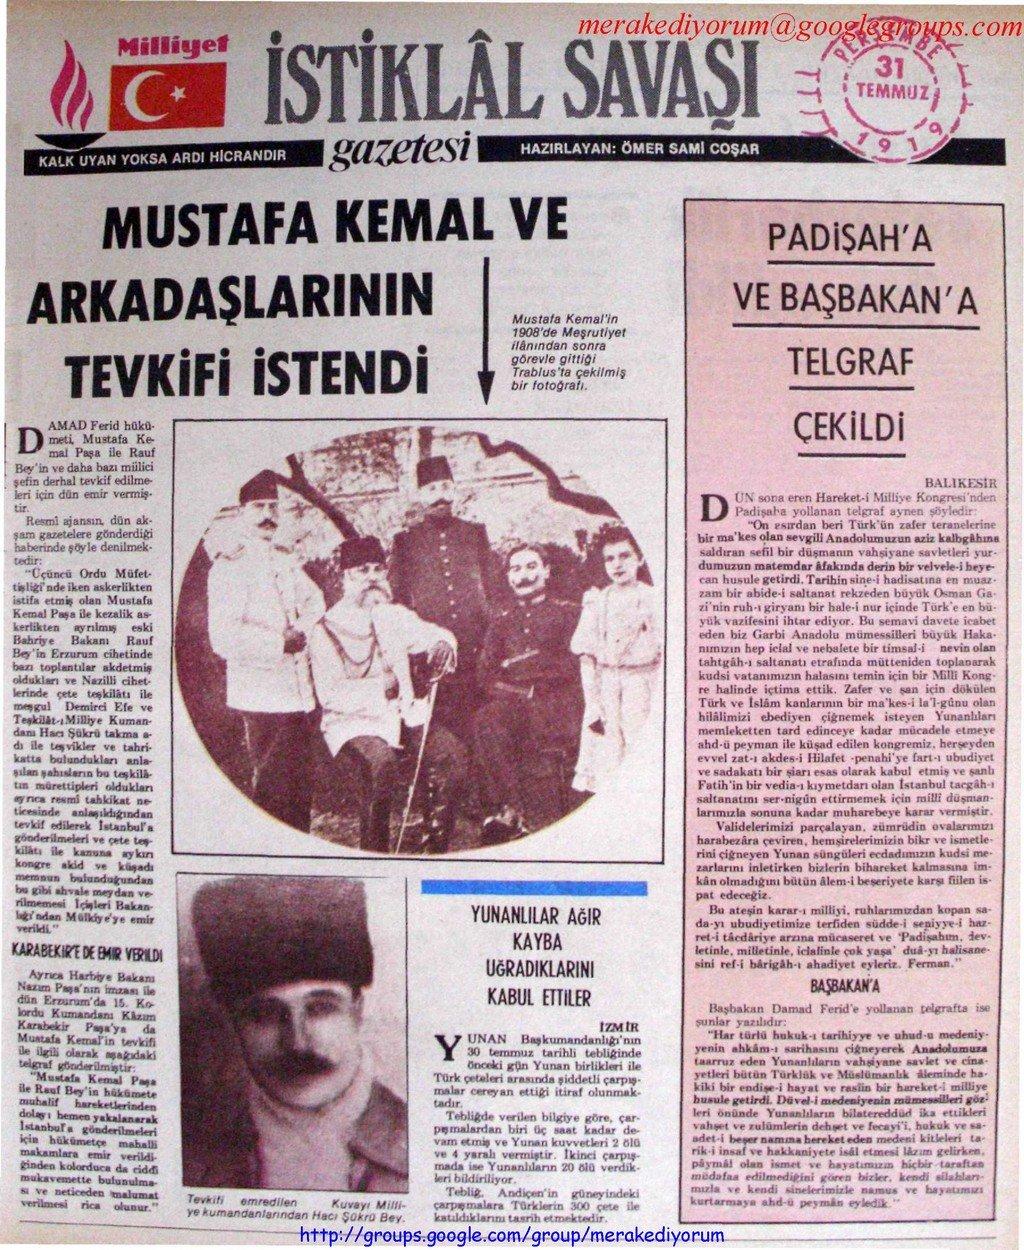 istiklal savaşı gazetesi - 31 temmuz 1919